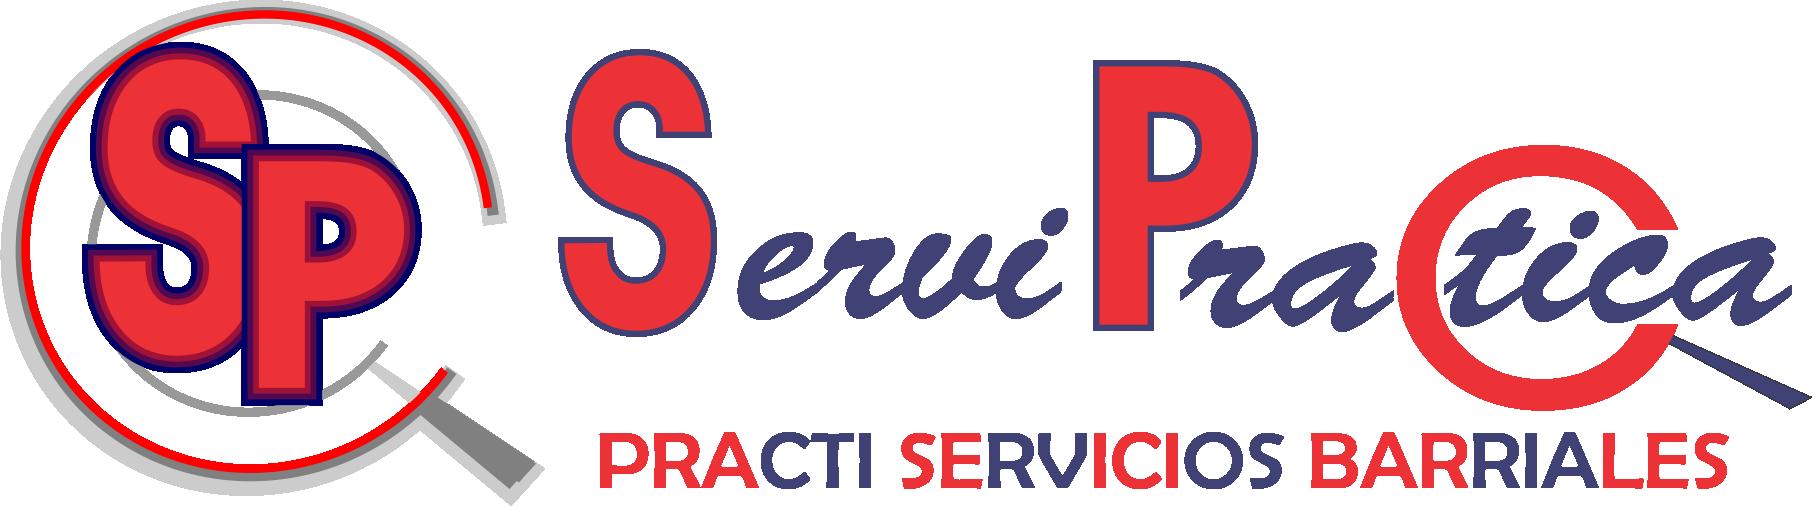 Servipractica